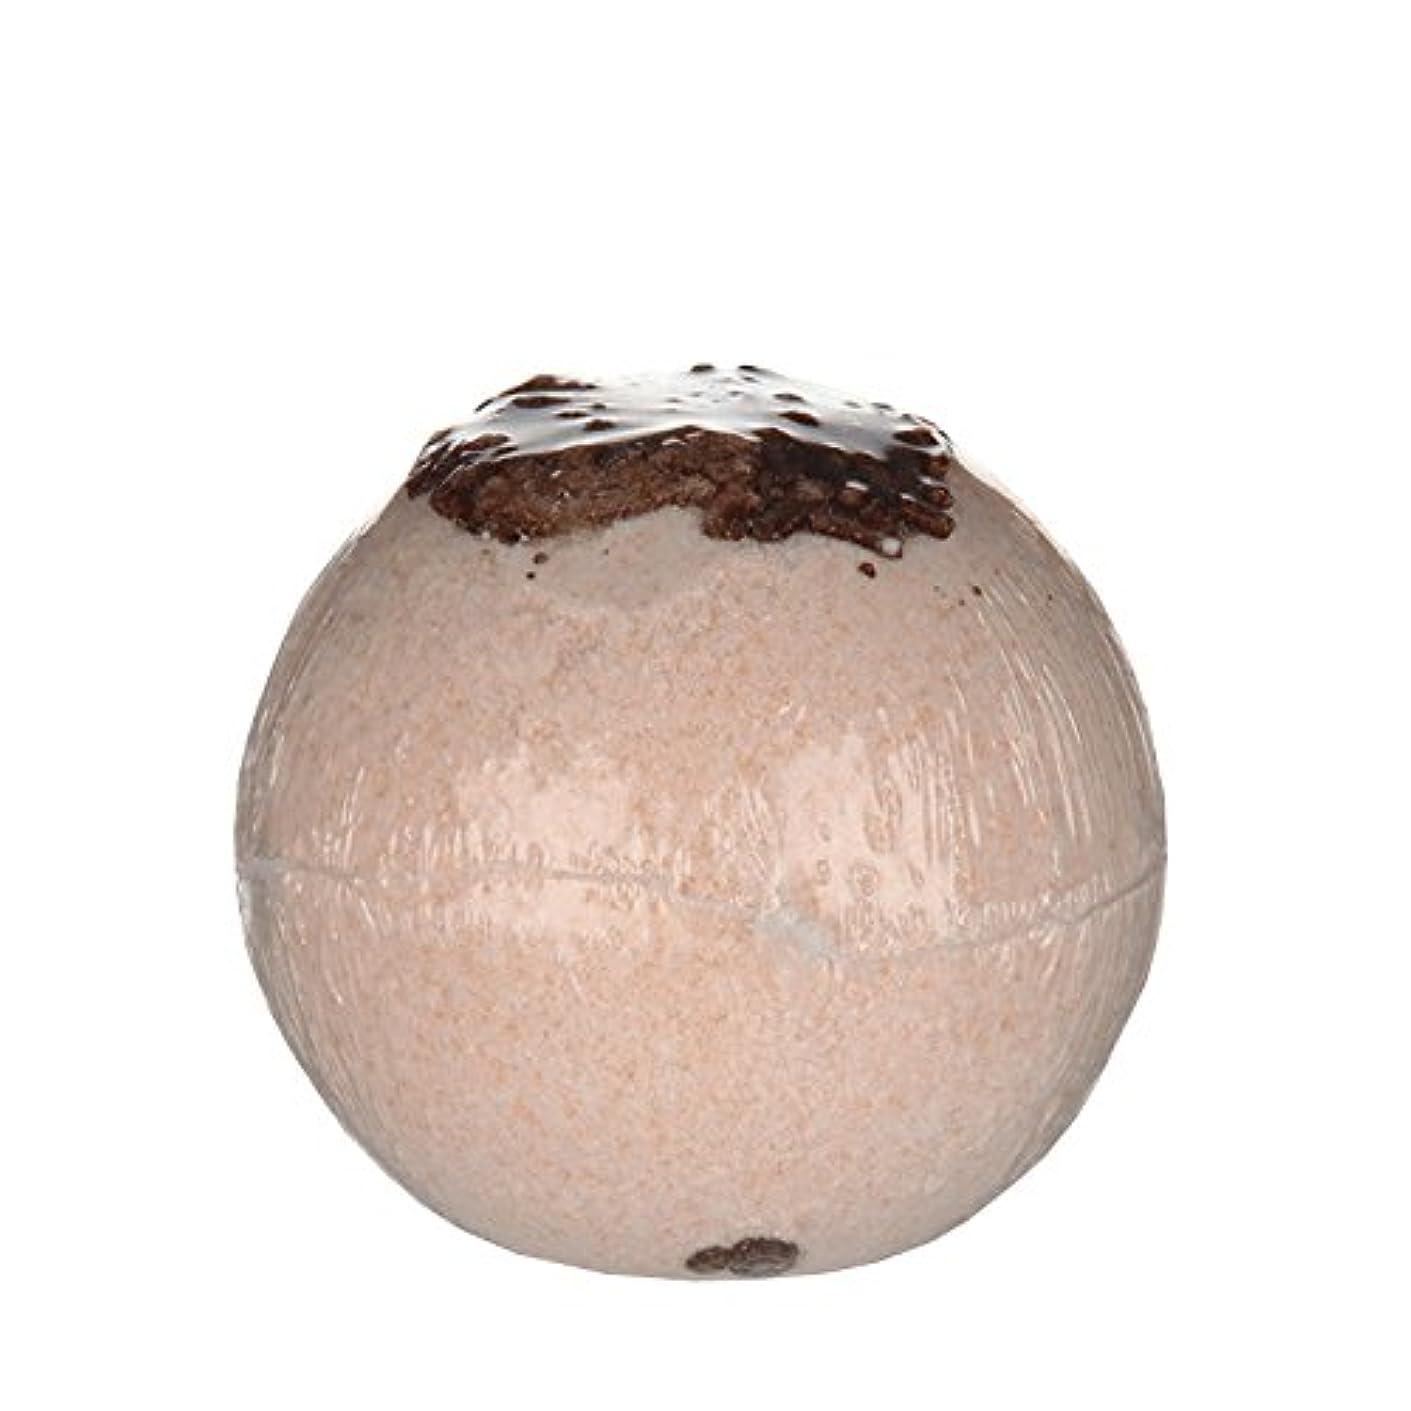 の間に承認赤面Treets Bath Ball Coconut Chocolate 170g (Pack of 2) - Treetsバスボールココナッツチョコレート170グラム (x2) [並行輸入品]